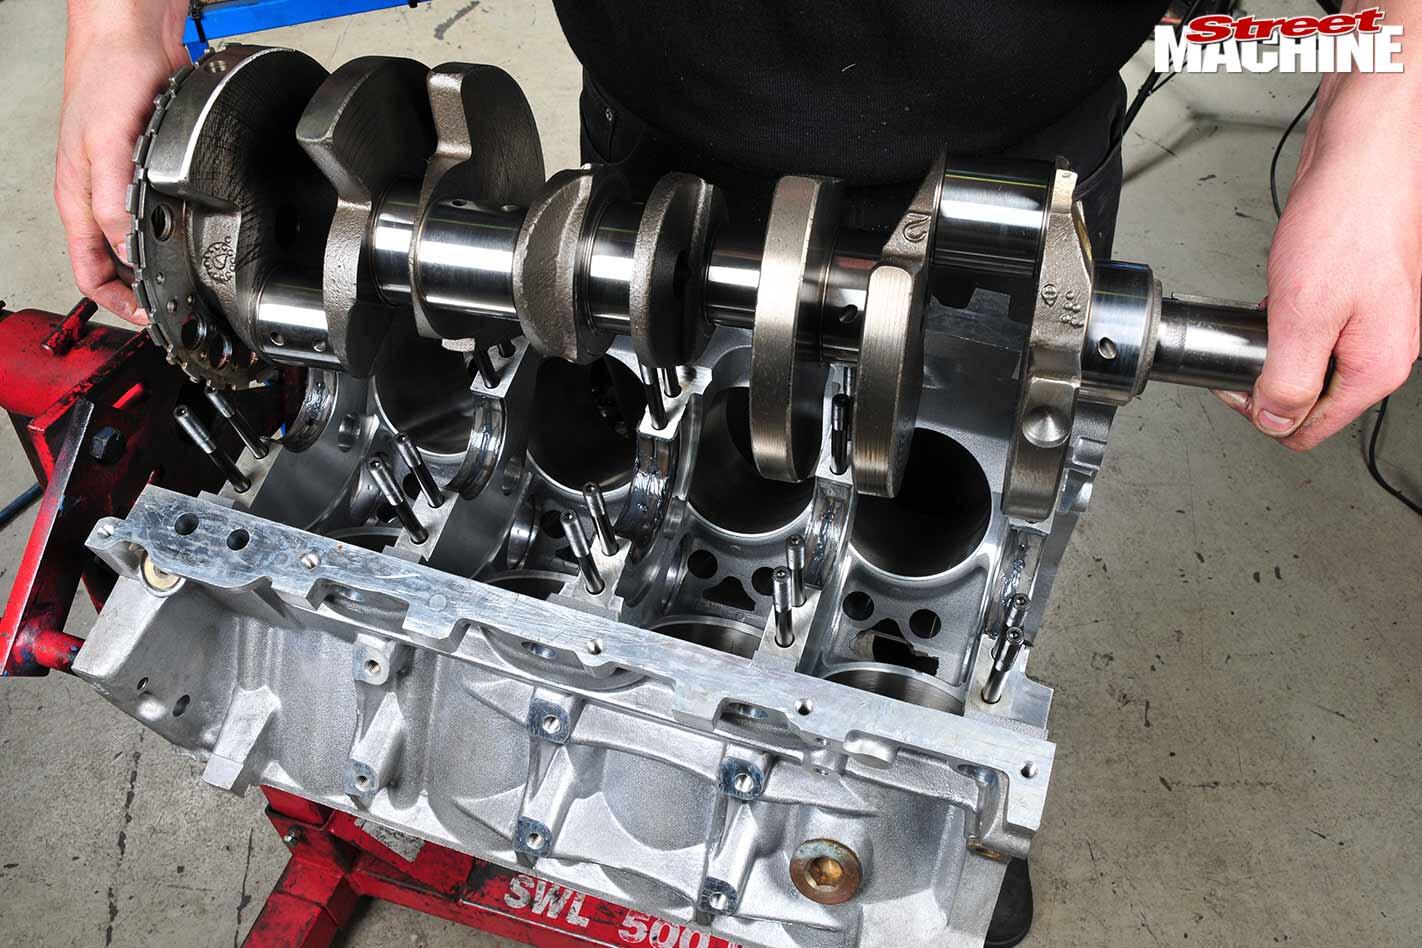 twin-turbo ls1